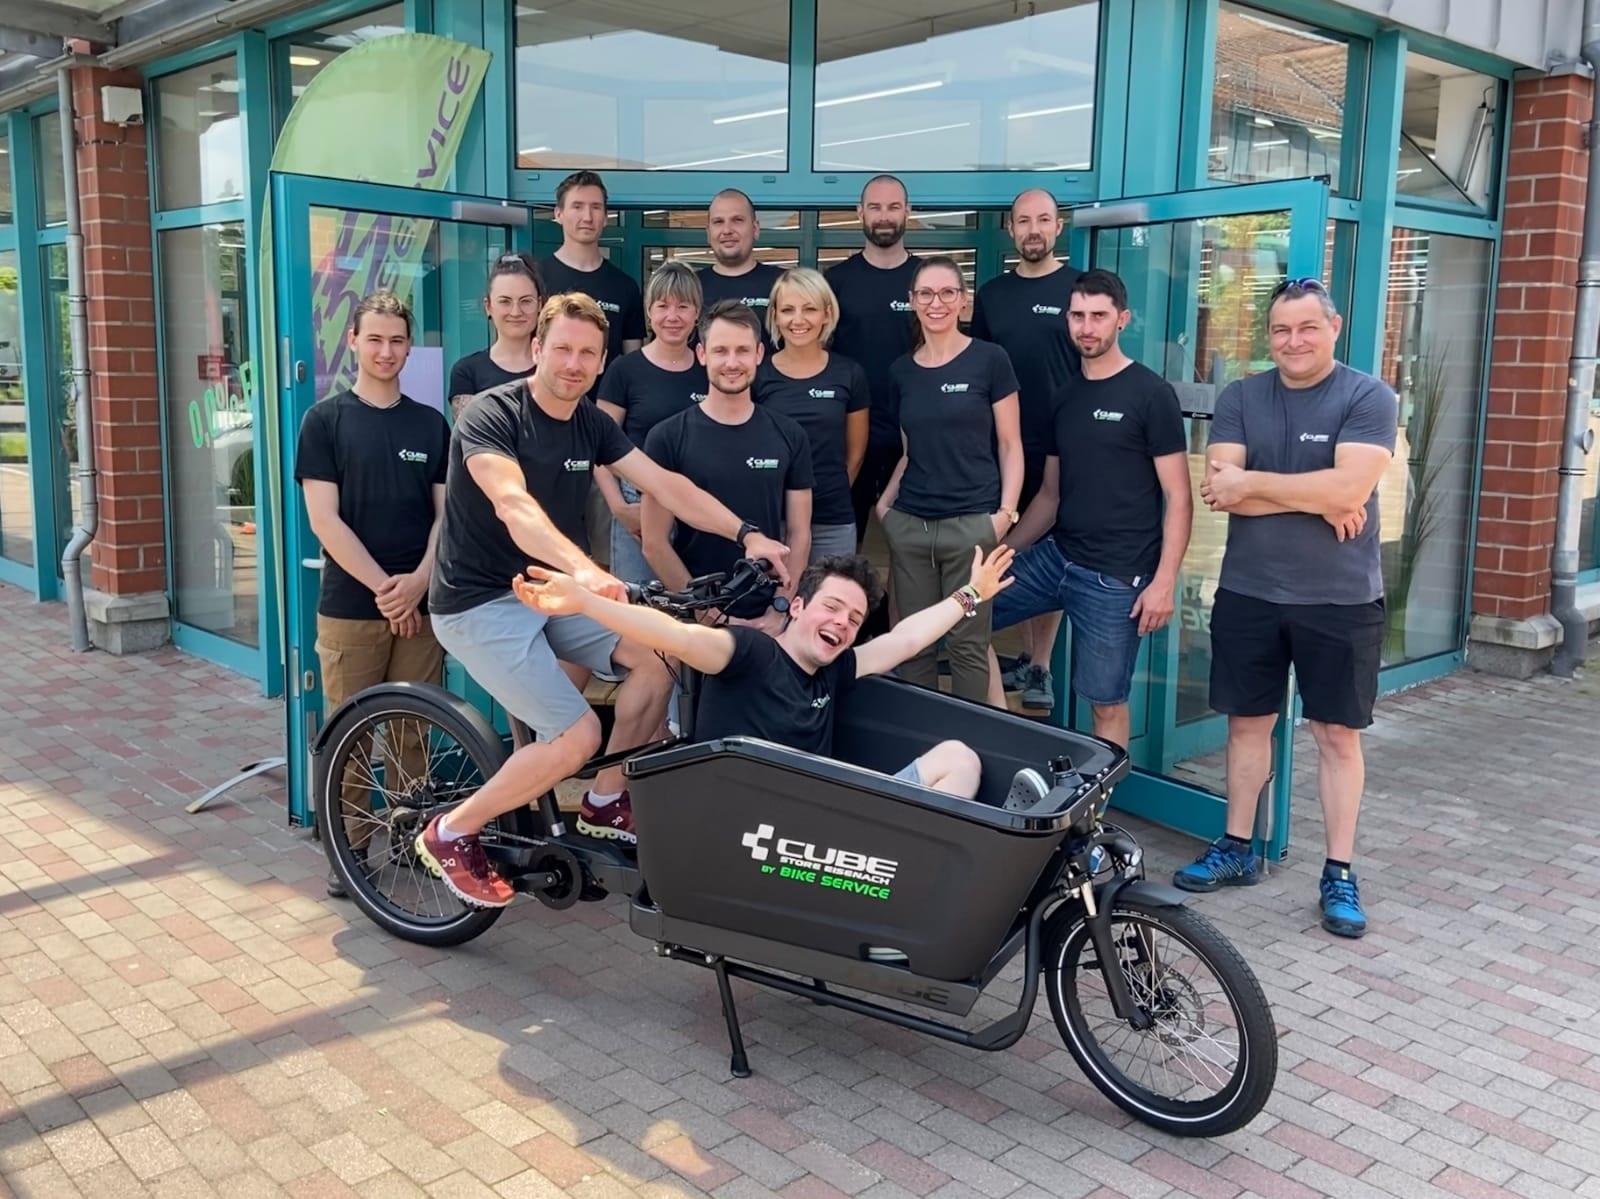 Team Bike Service